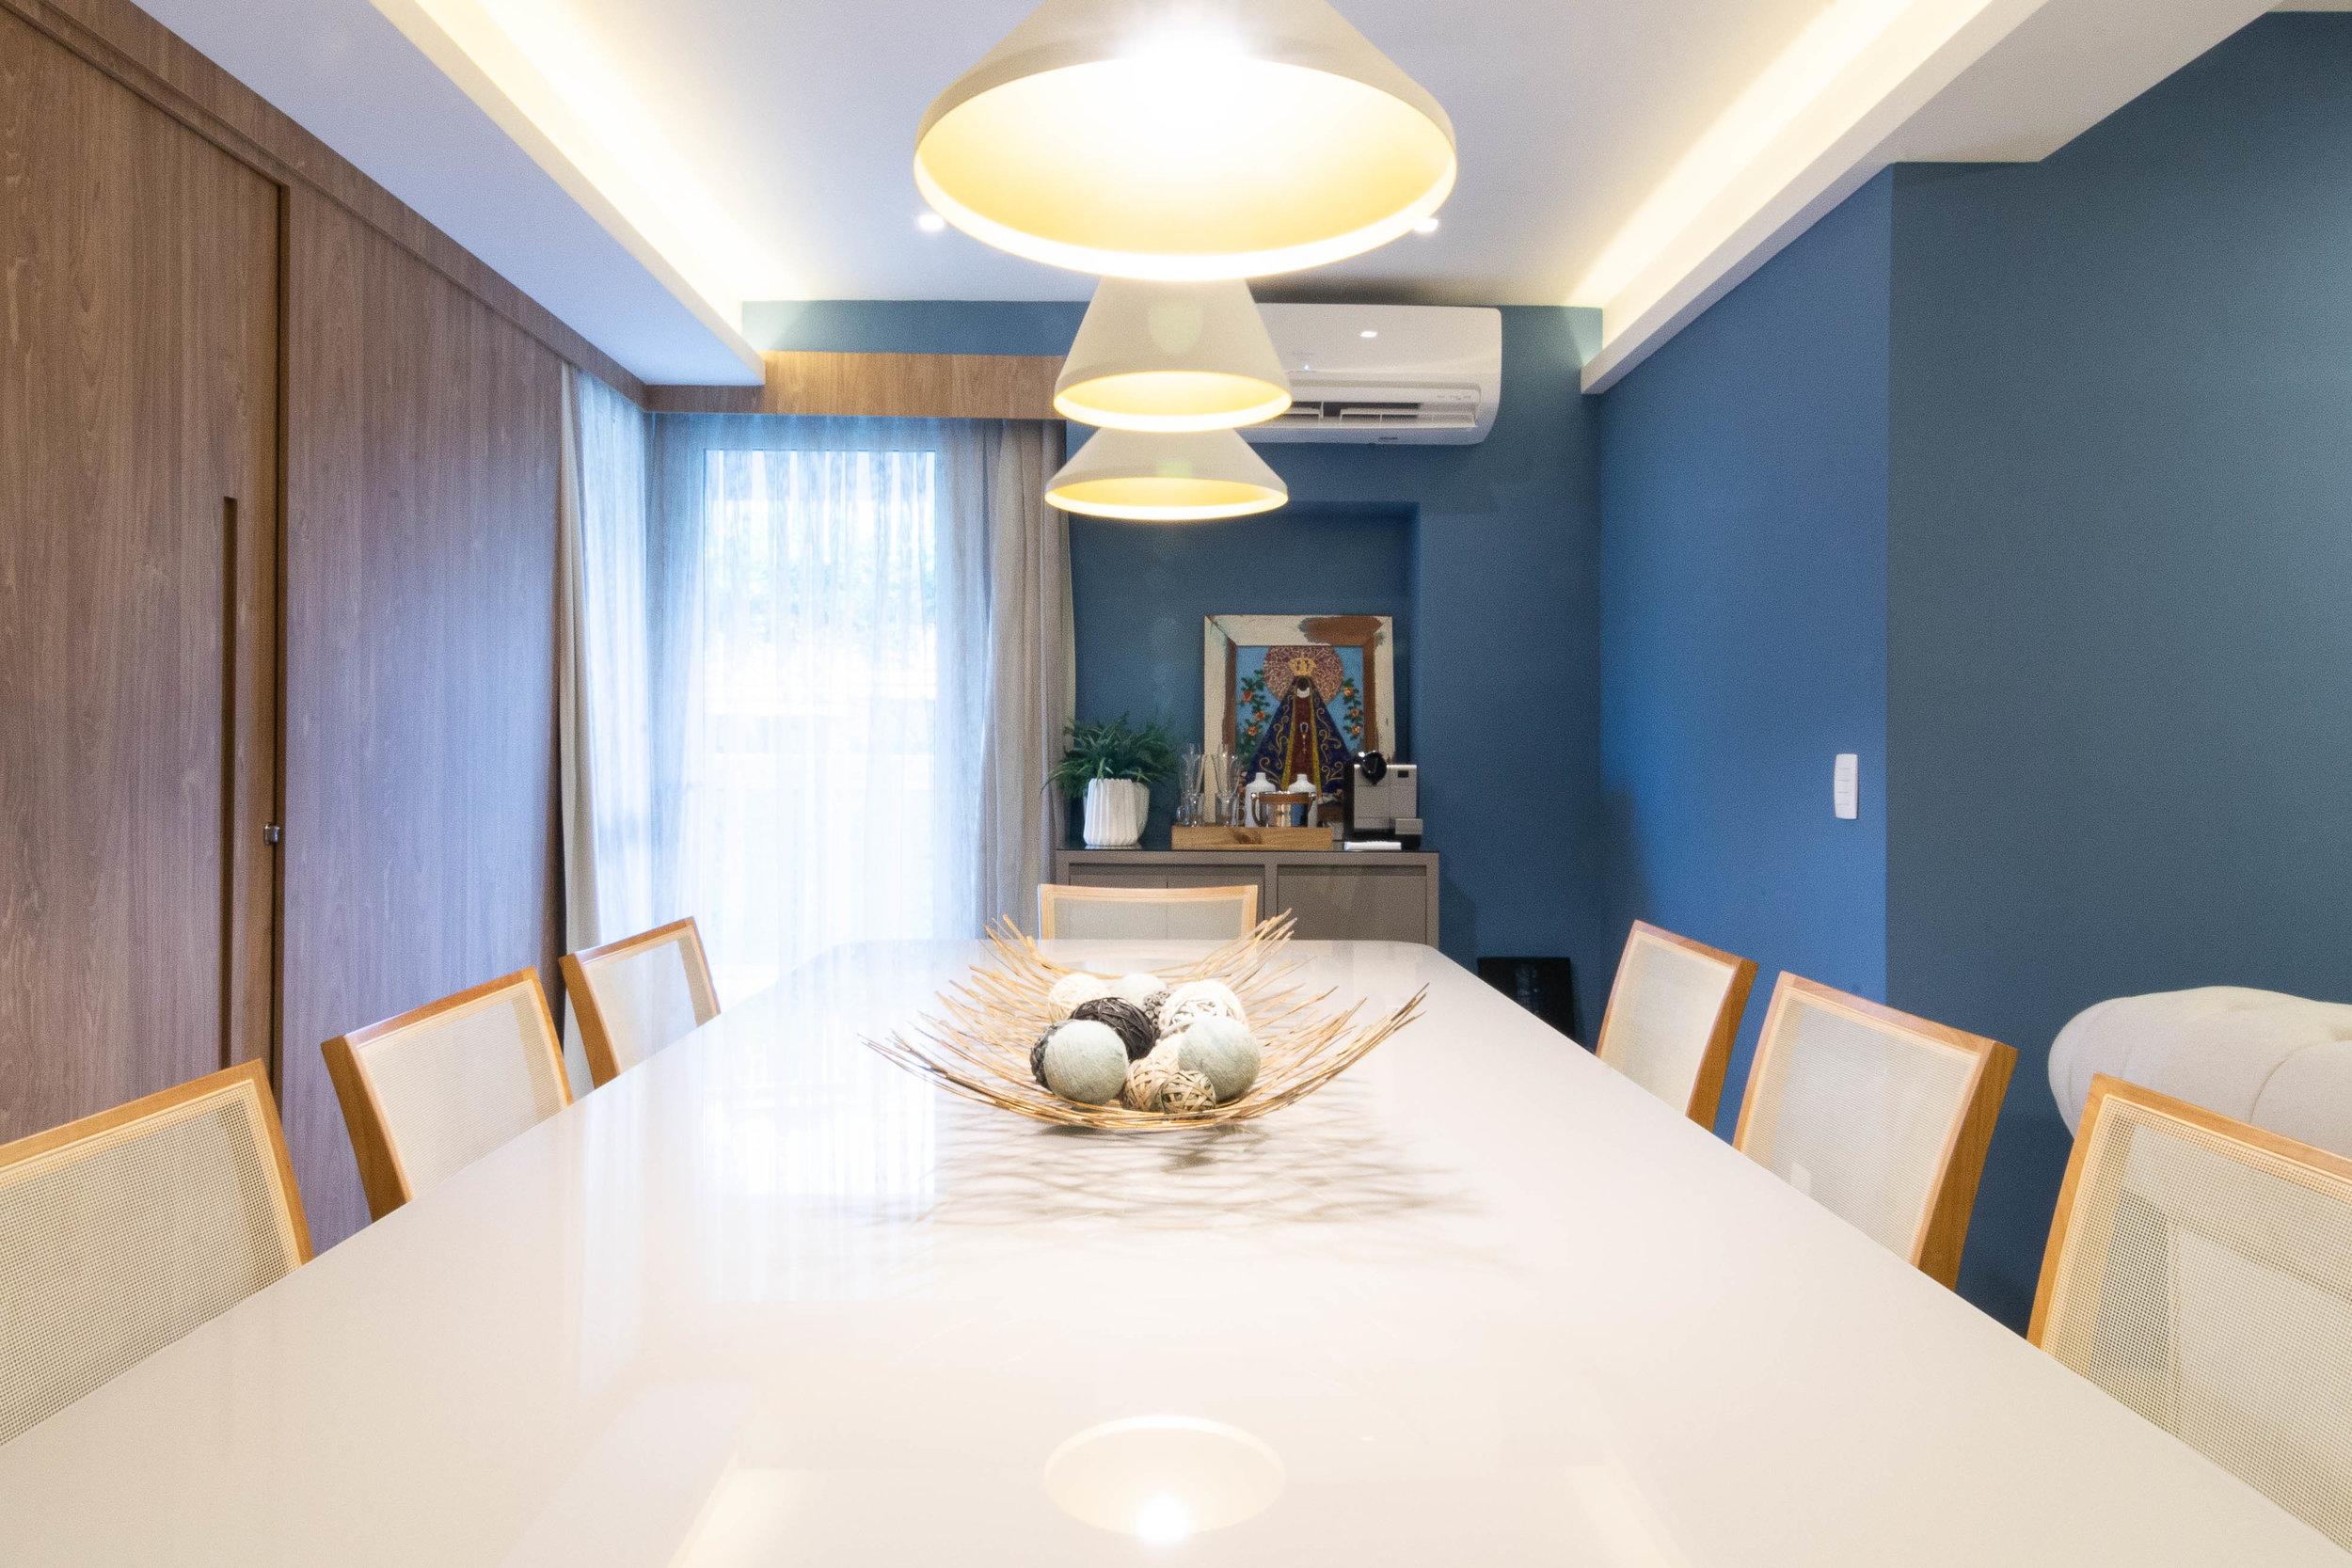 projeto-arquitetonico-luciananilton-duo-arquitetura-apartamentos-praia-08.jpg